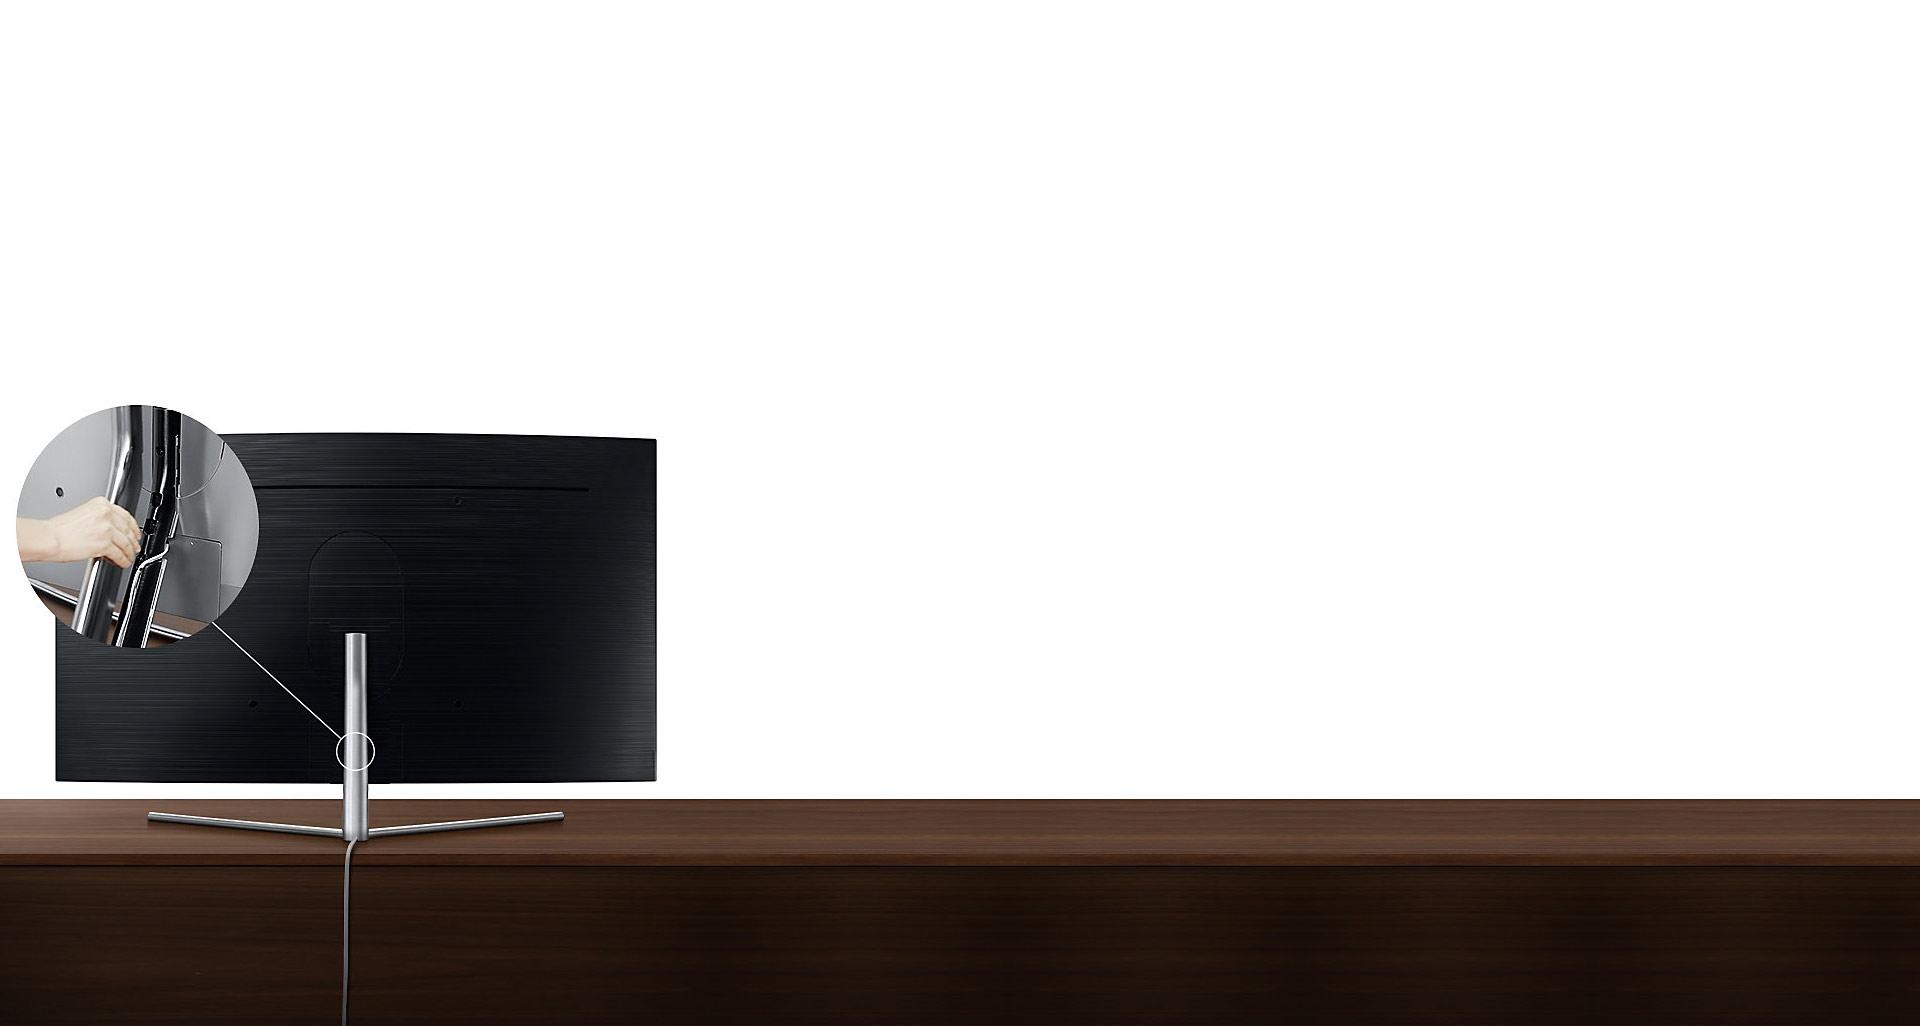 تلویزیون Q78C سامسونگ با پایه ای کاربردی